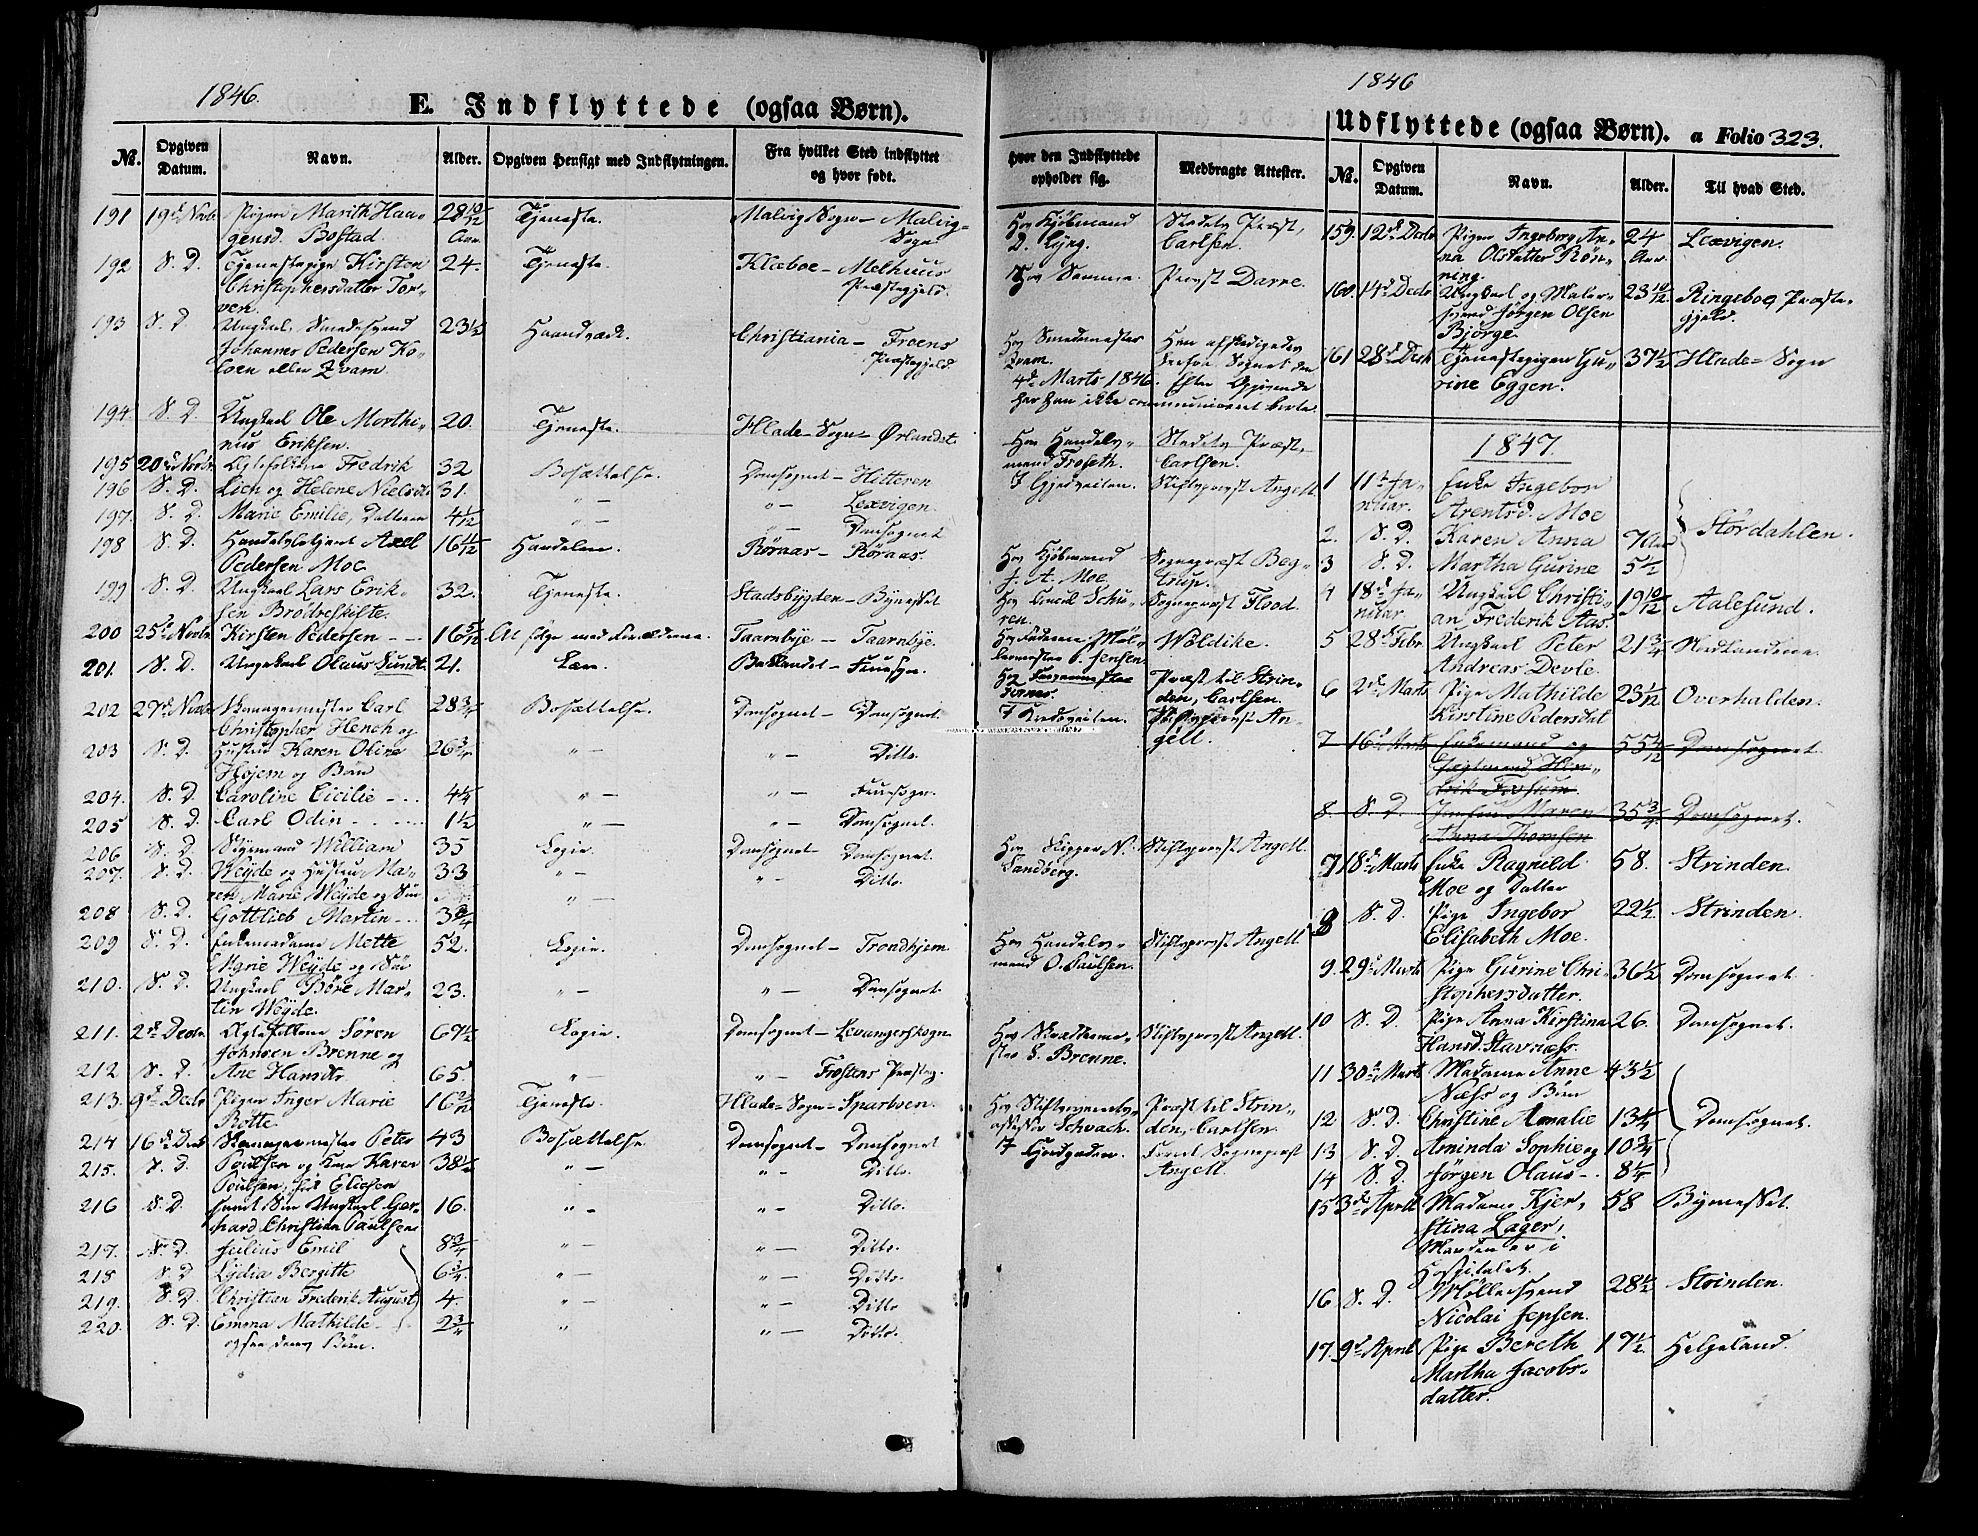 SAT, Ministerialprotokoller, klokkerbøker og fødselsregistre - Sør-Trøndelag, 602/L0137: Klokkerbok nr. 602C05, 1846-1856, s. 323